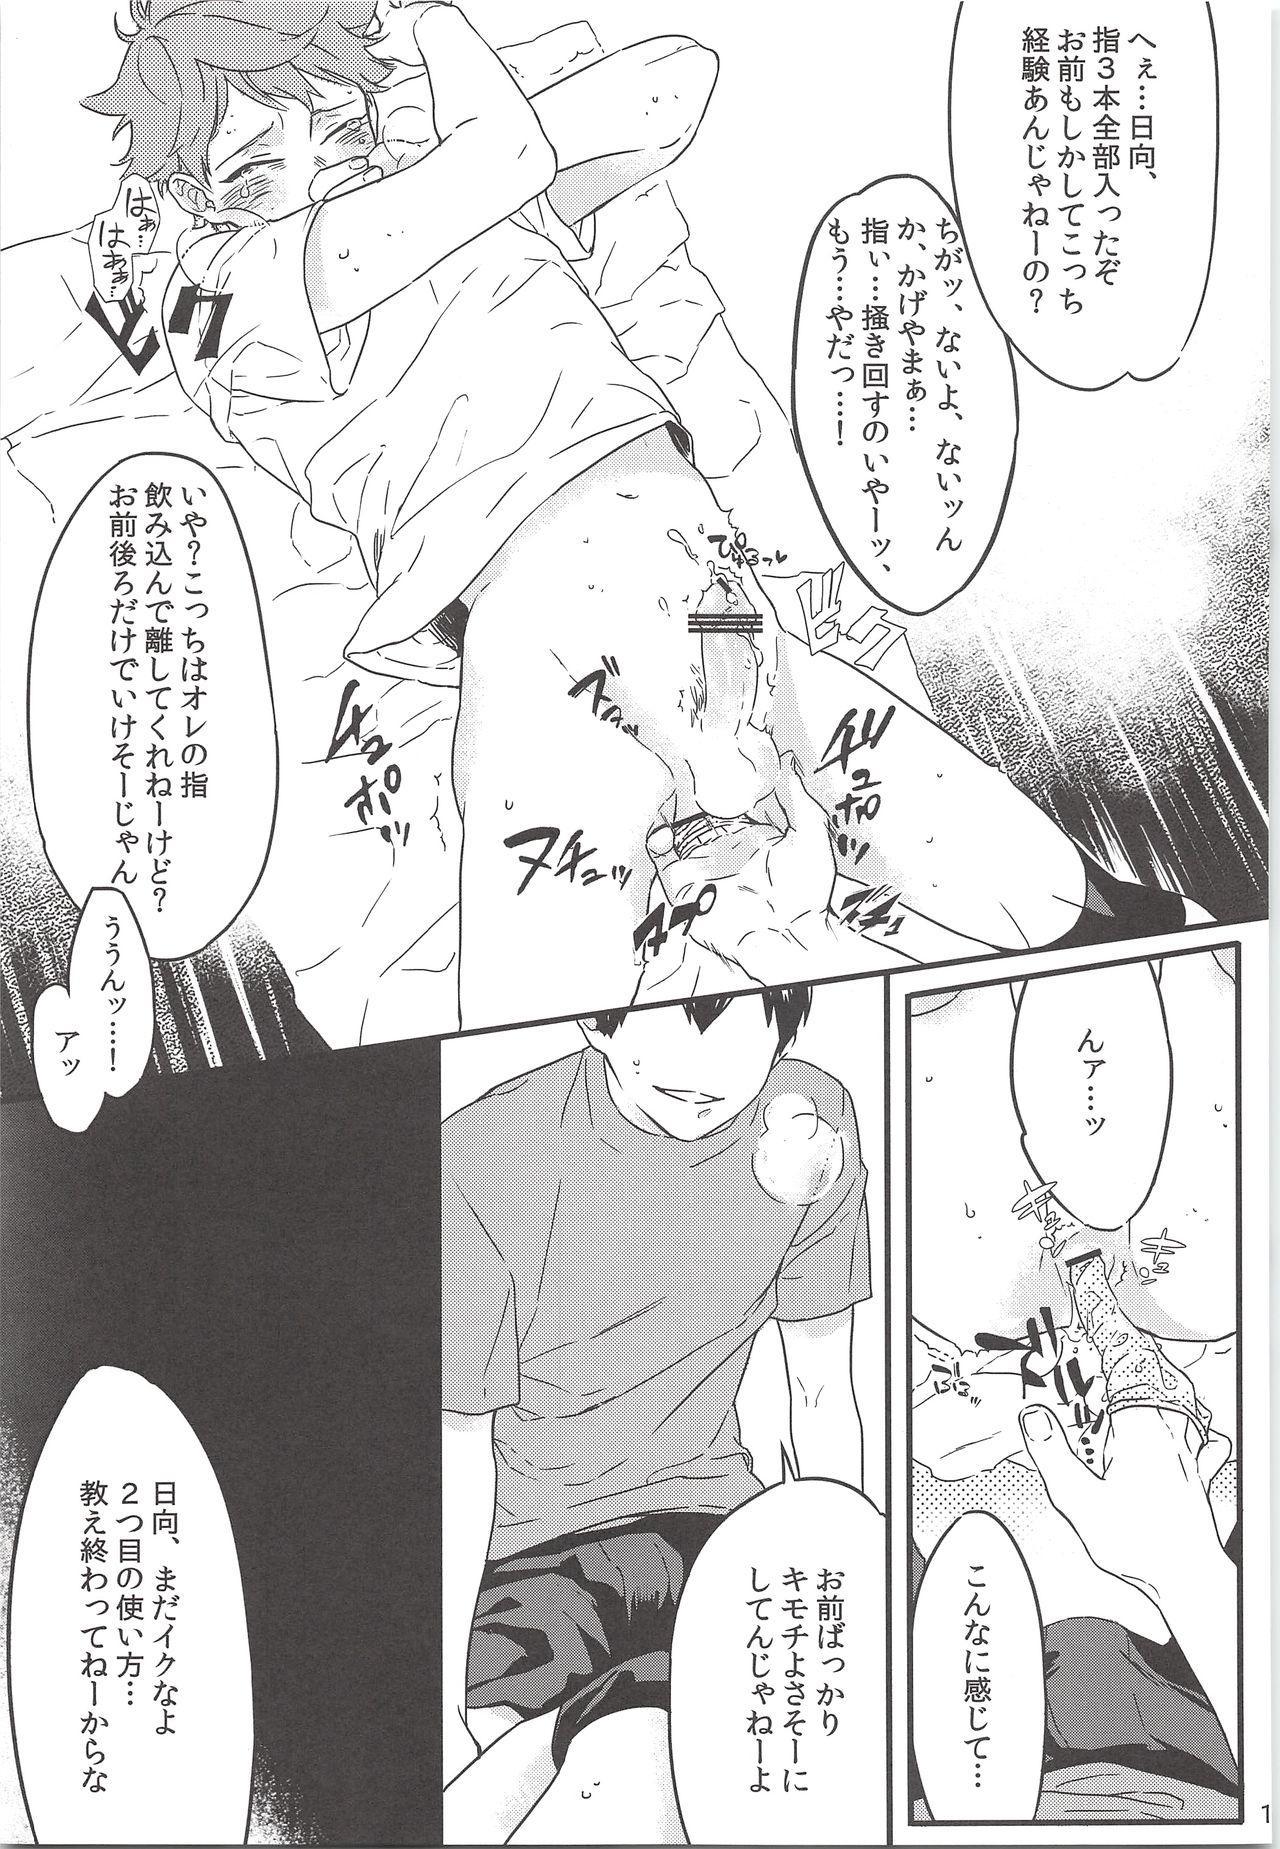 Tadashii Gomu no Tsukaikata 17